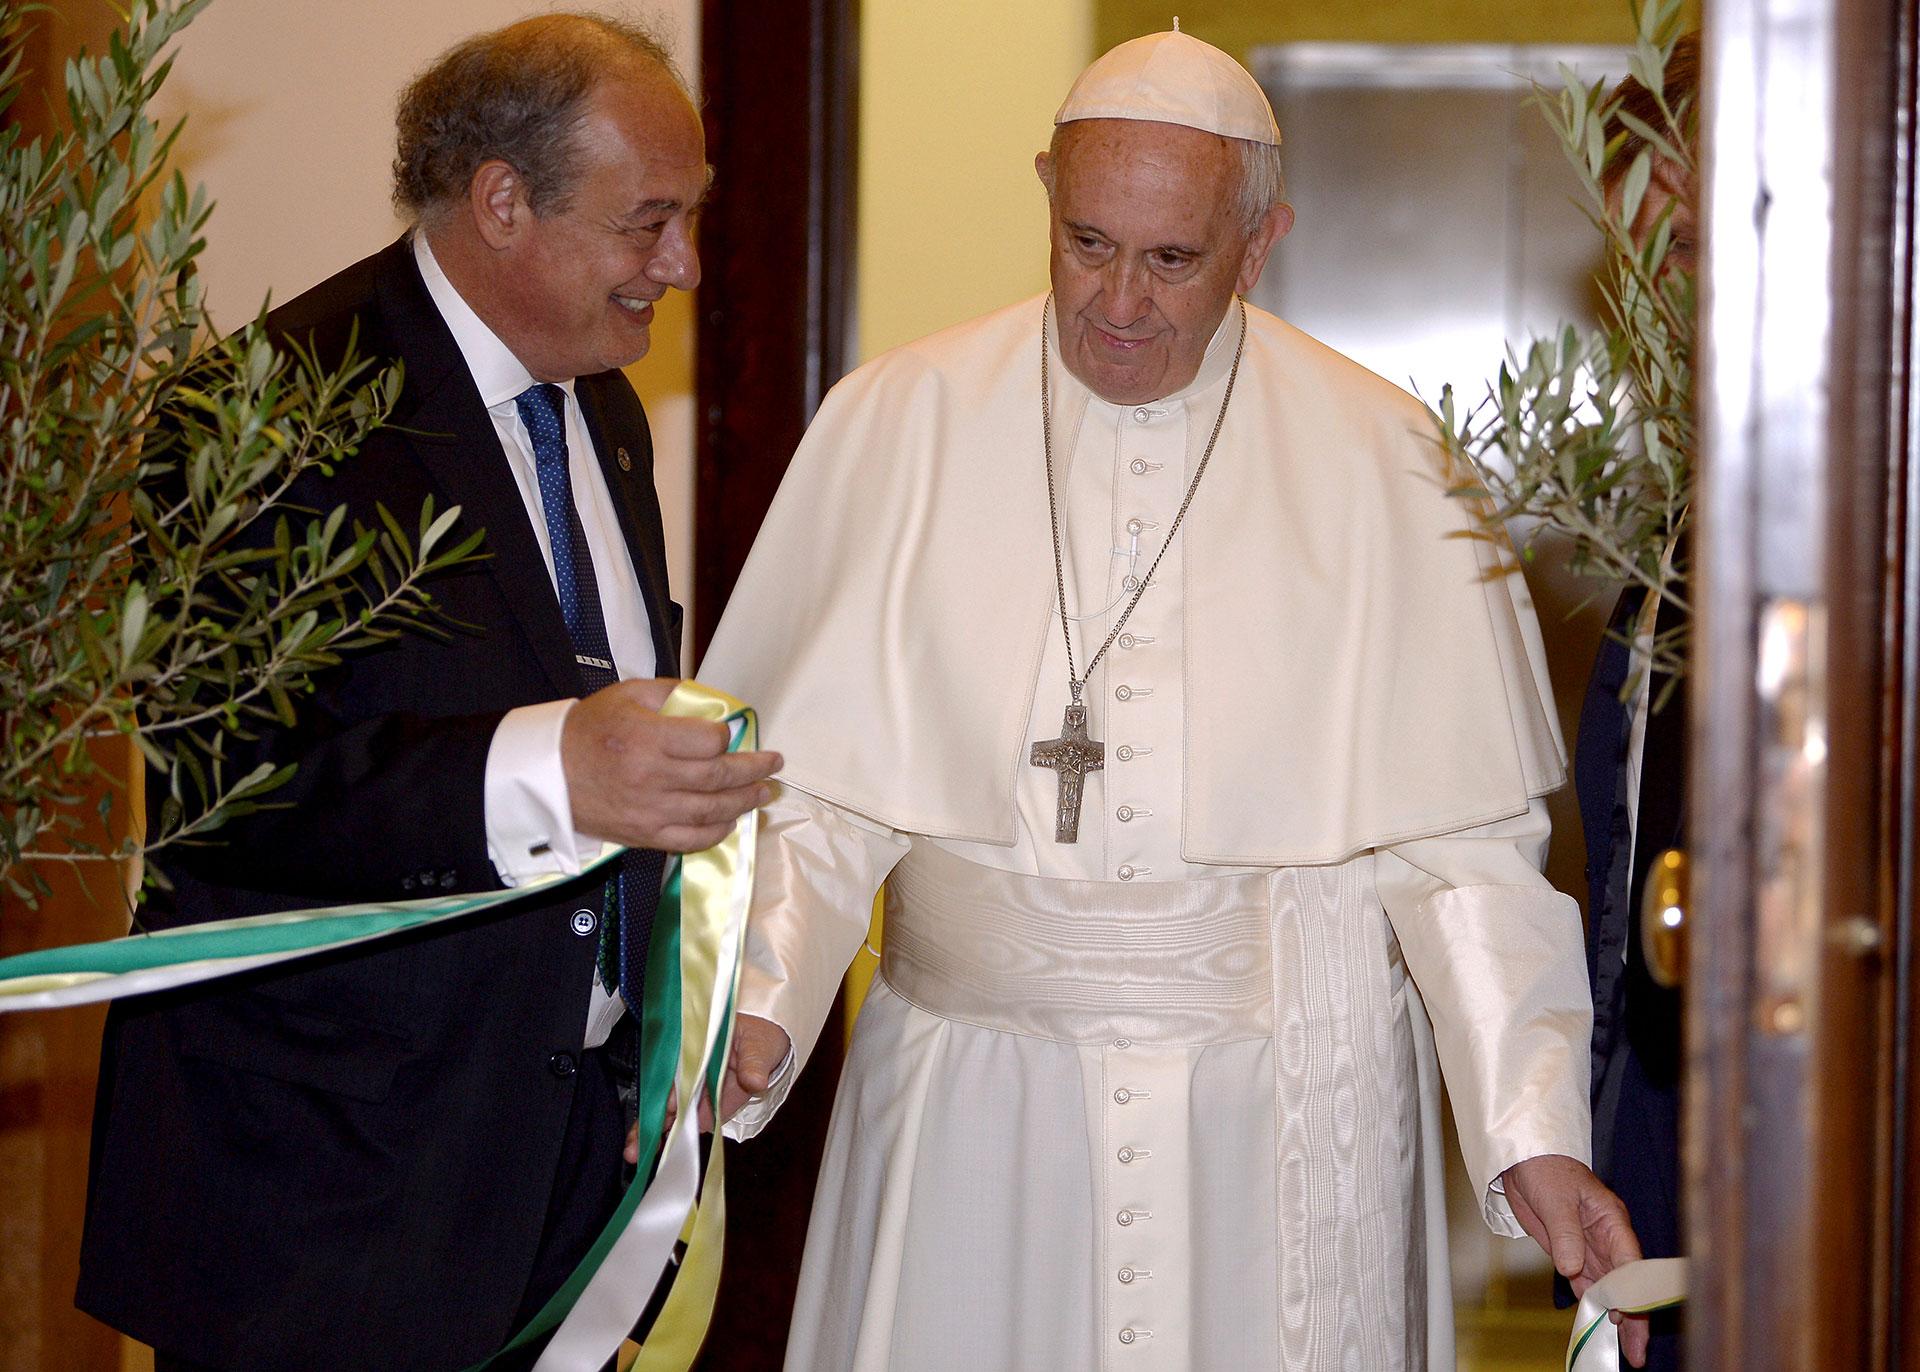 El papa Francisco inauguró la sede vaticana de Scholas Occurrentes junto José María del Corral